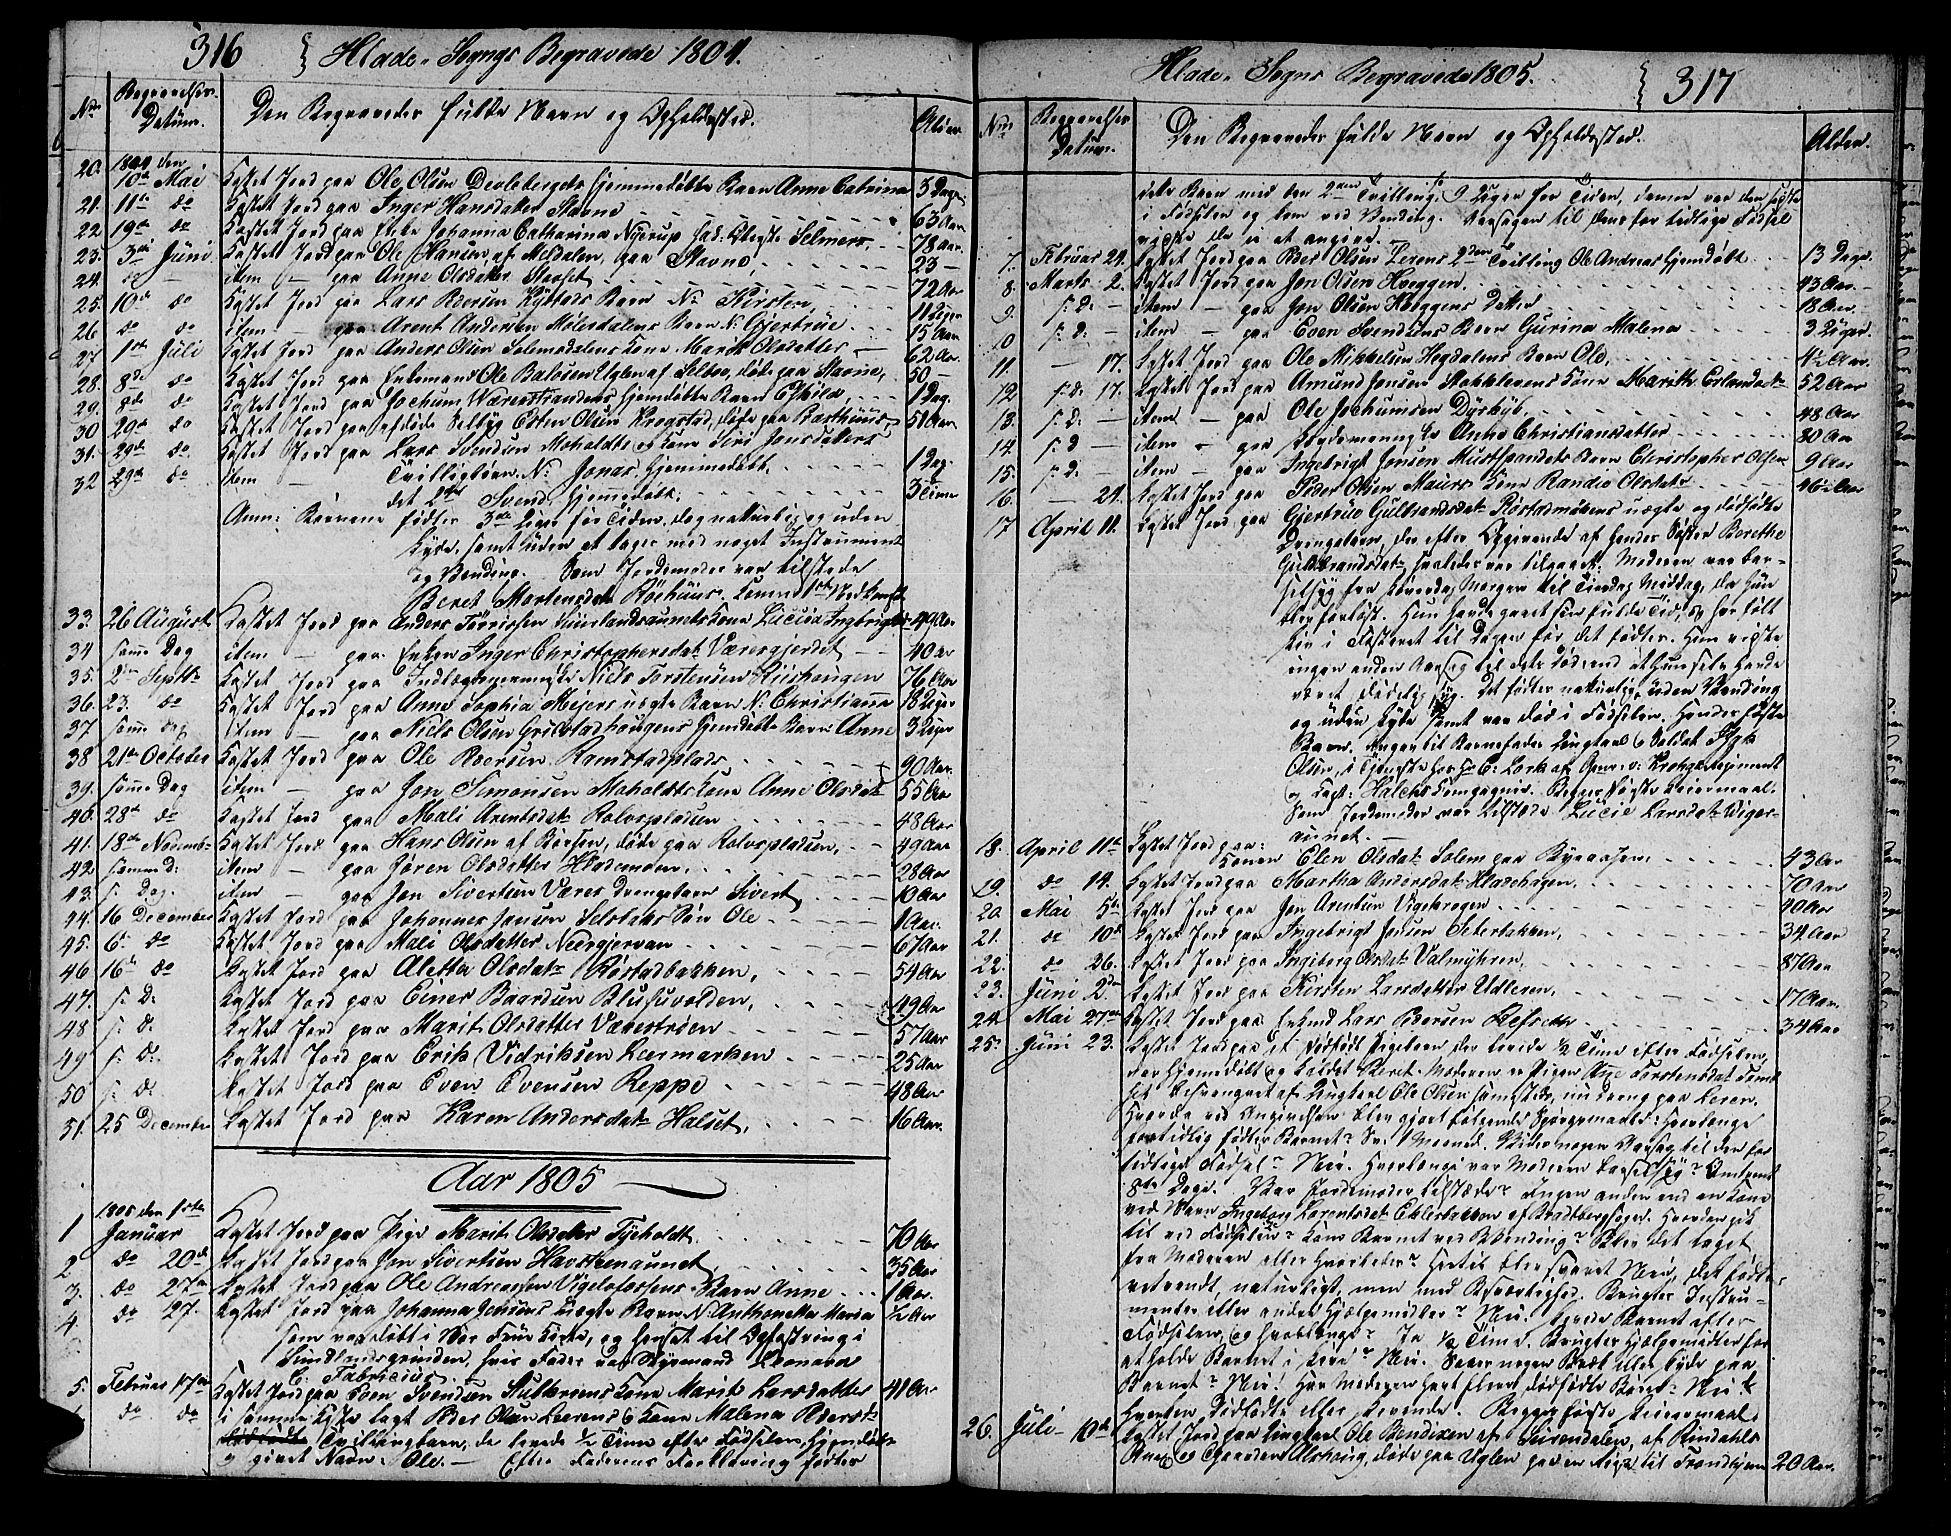 SAT, Ministerialprotokoller, klokkerbøker og fødselsregistre - Sør-Trøndelag, 606/L0306: Klokkerbok nr. 606C02, 1797-1829, s. 316-317